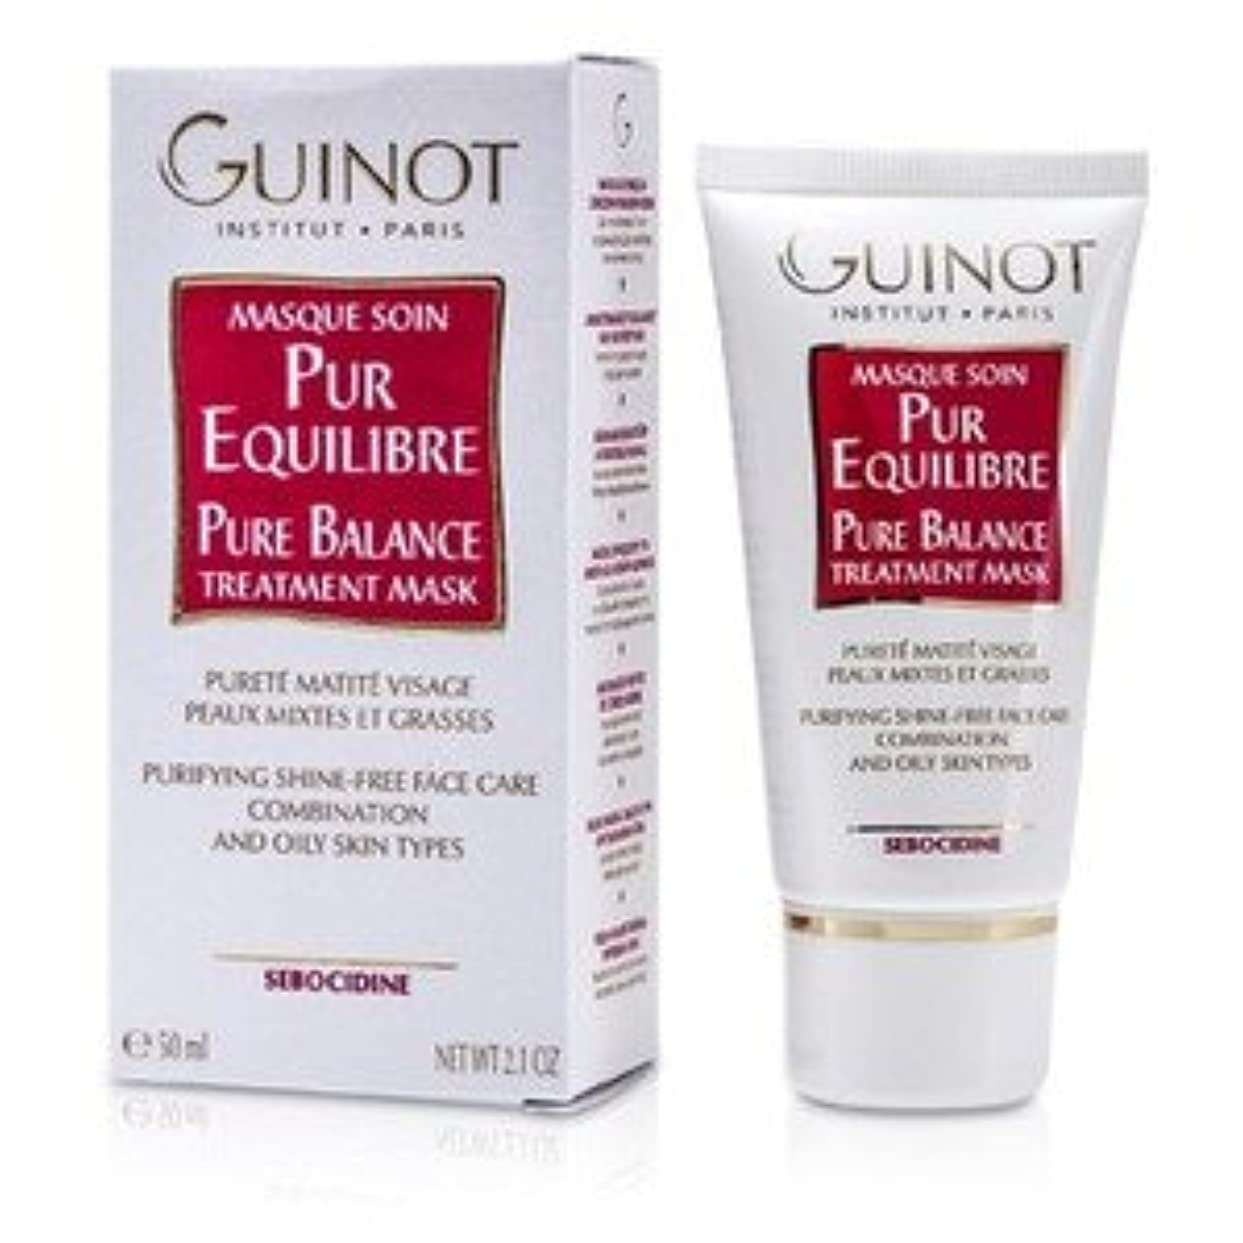 グラス胆嚢助手Guinot Pure Balance Mask for C/Oily Skin 50ml/1.7oz [並行輸入品]